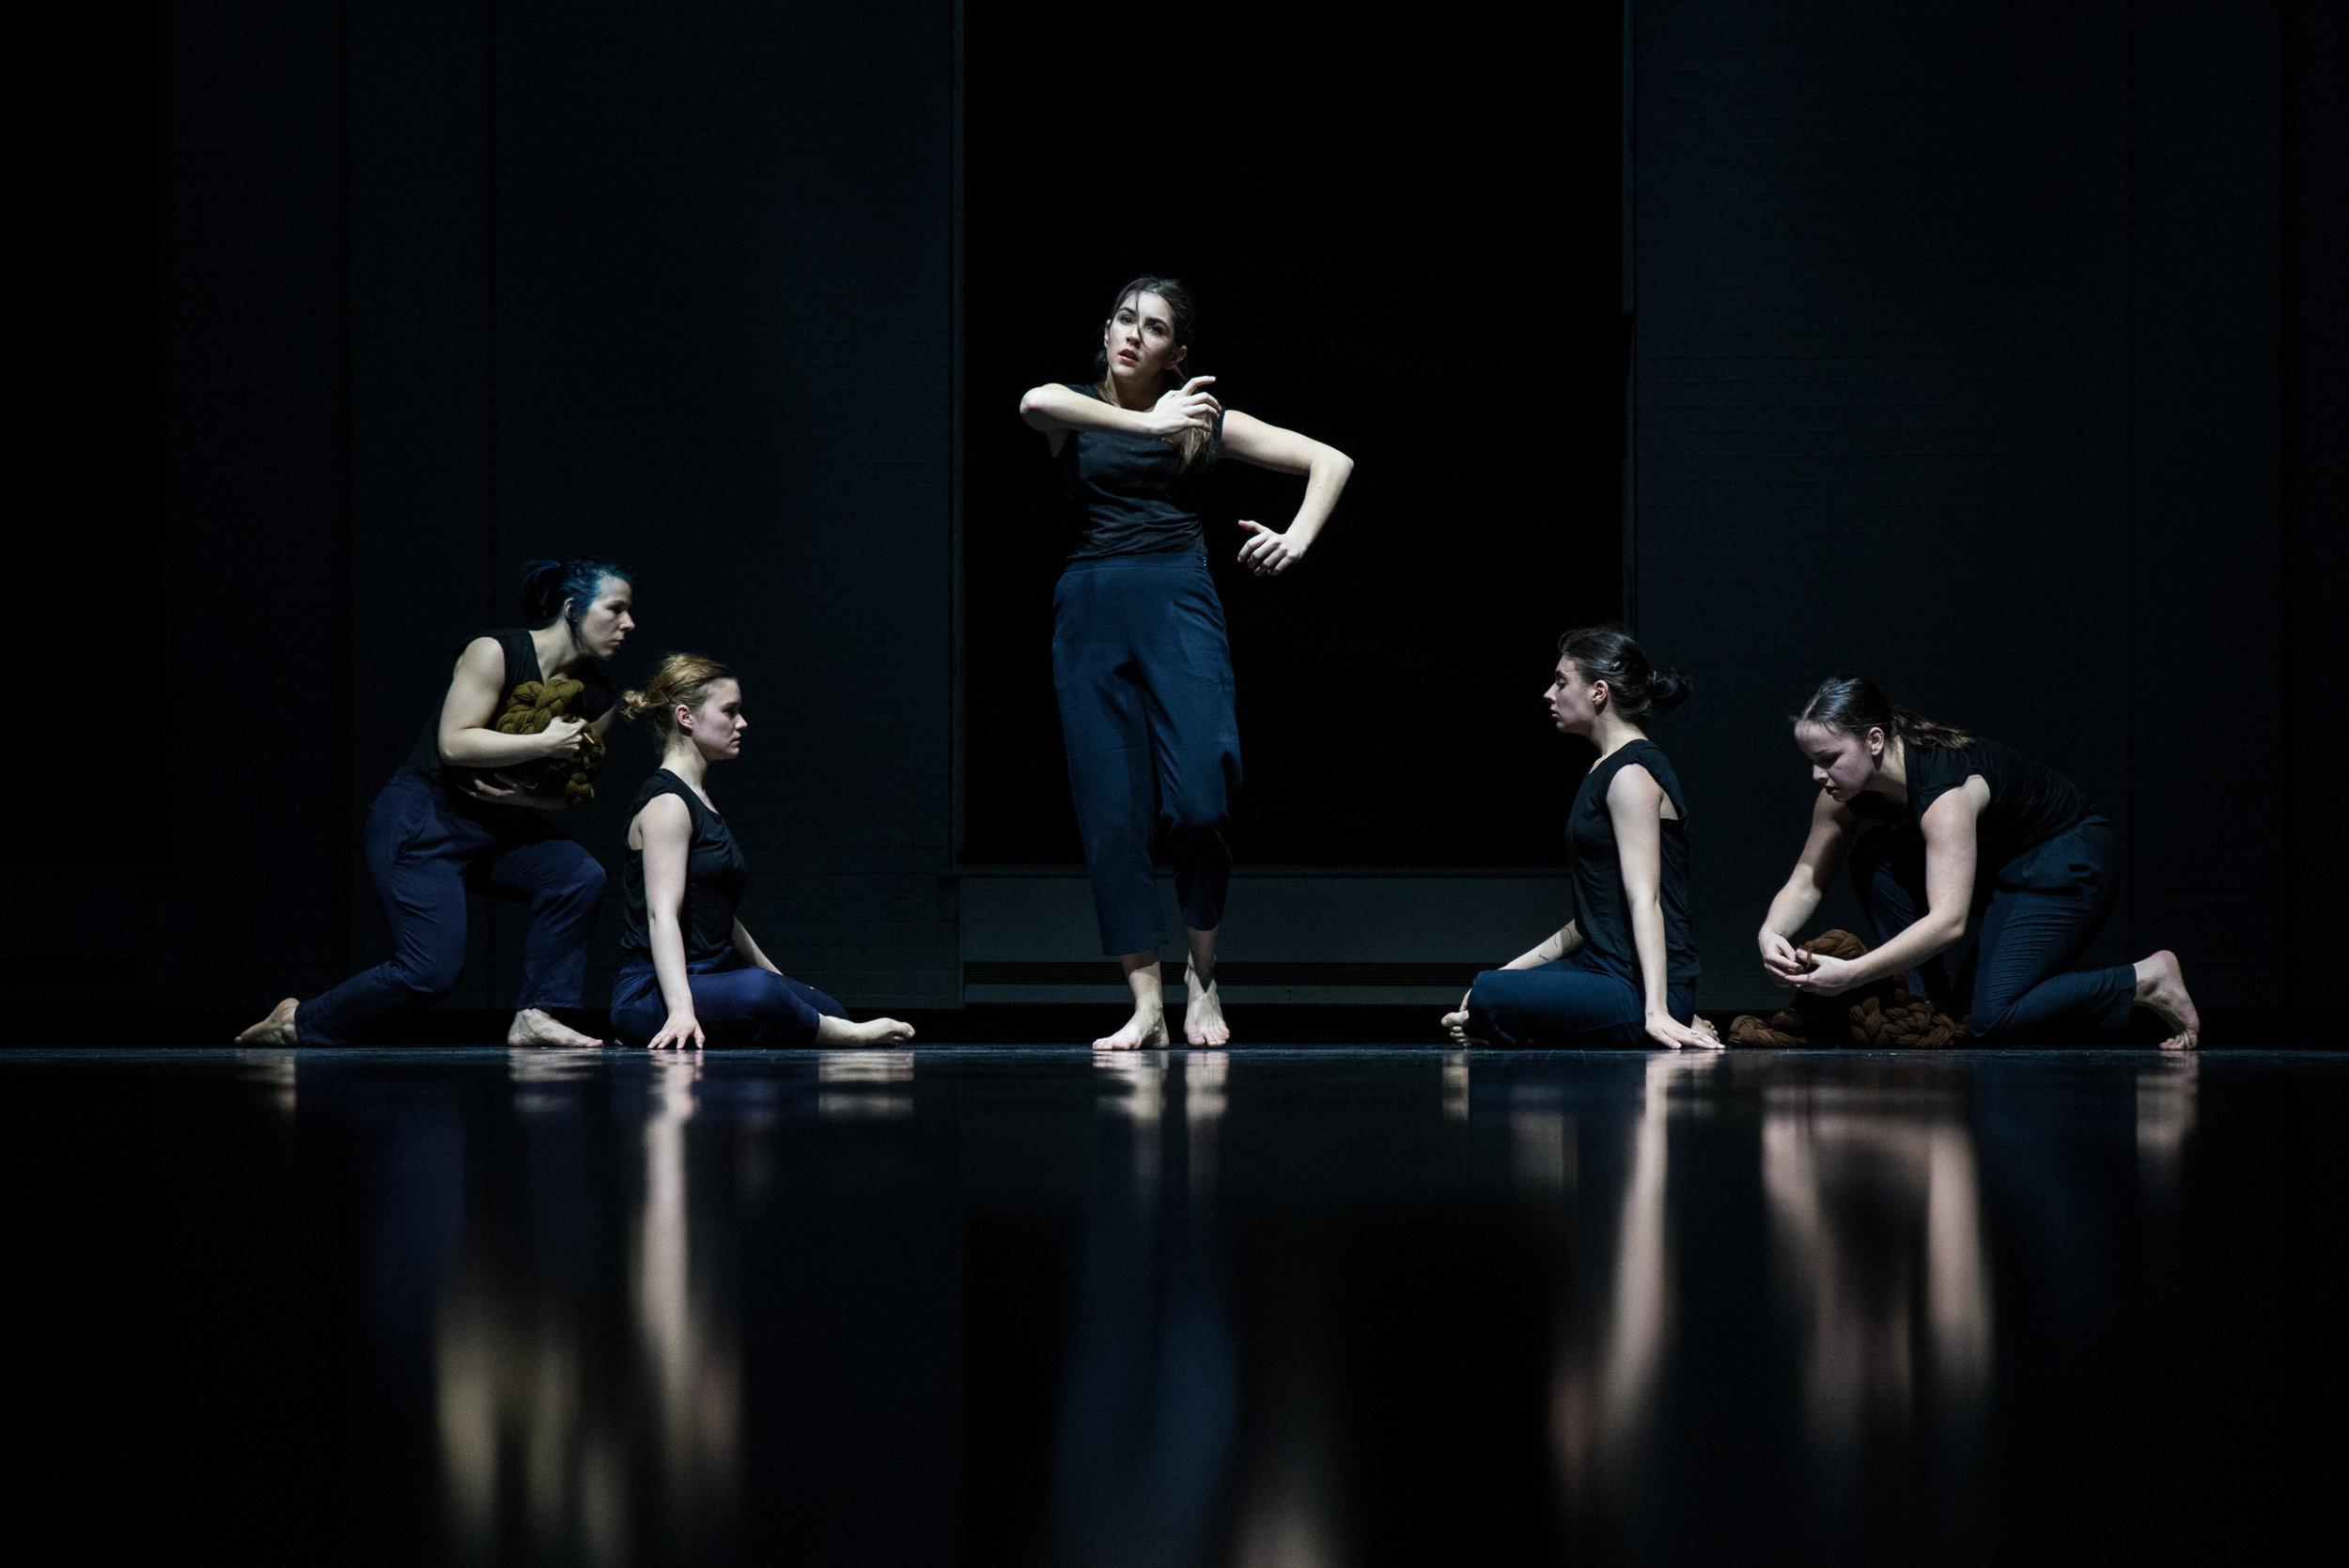 UQAM dance final, 2017